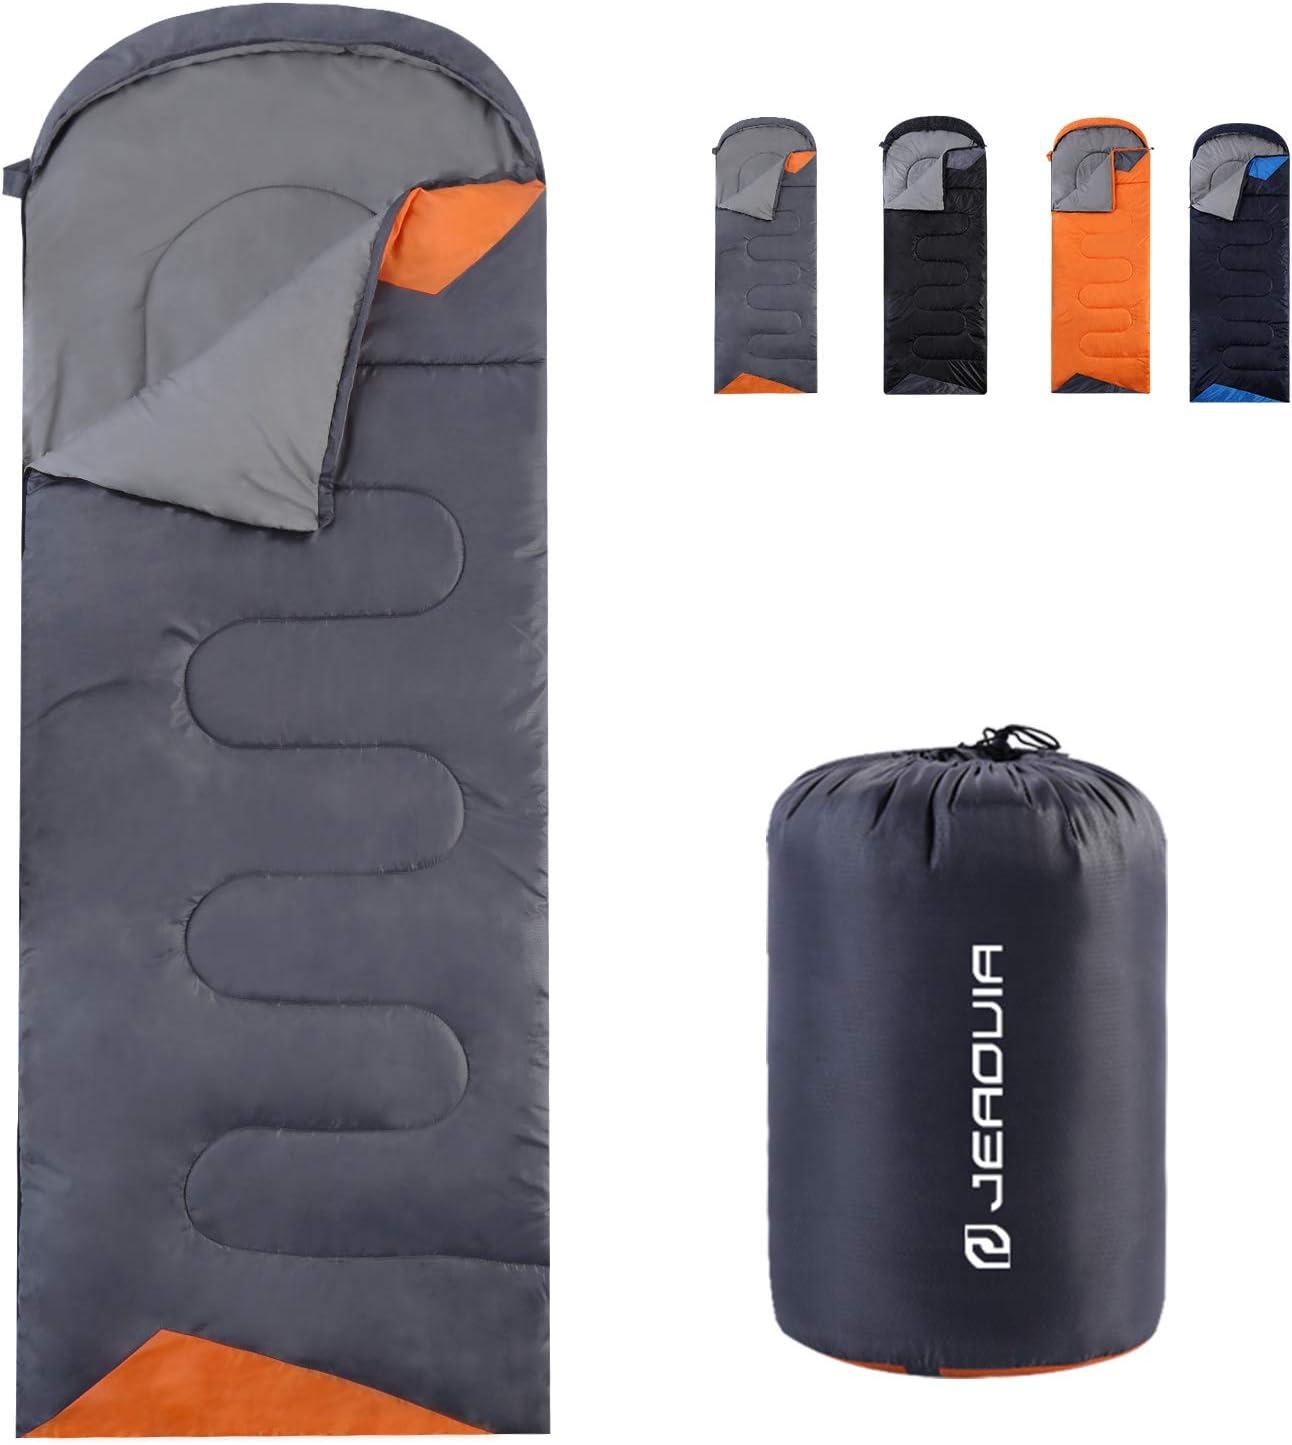 Gray and orange sleeping bag on white background